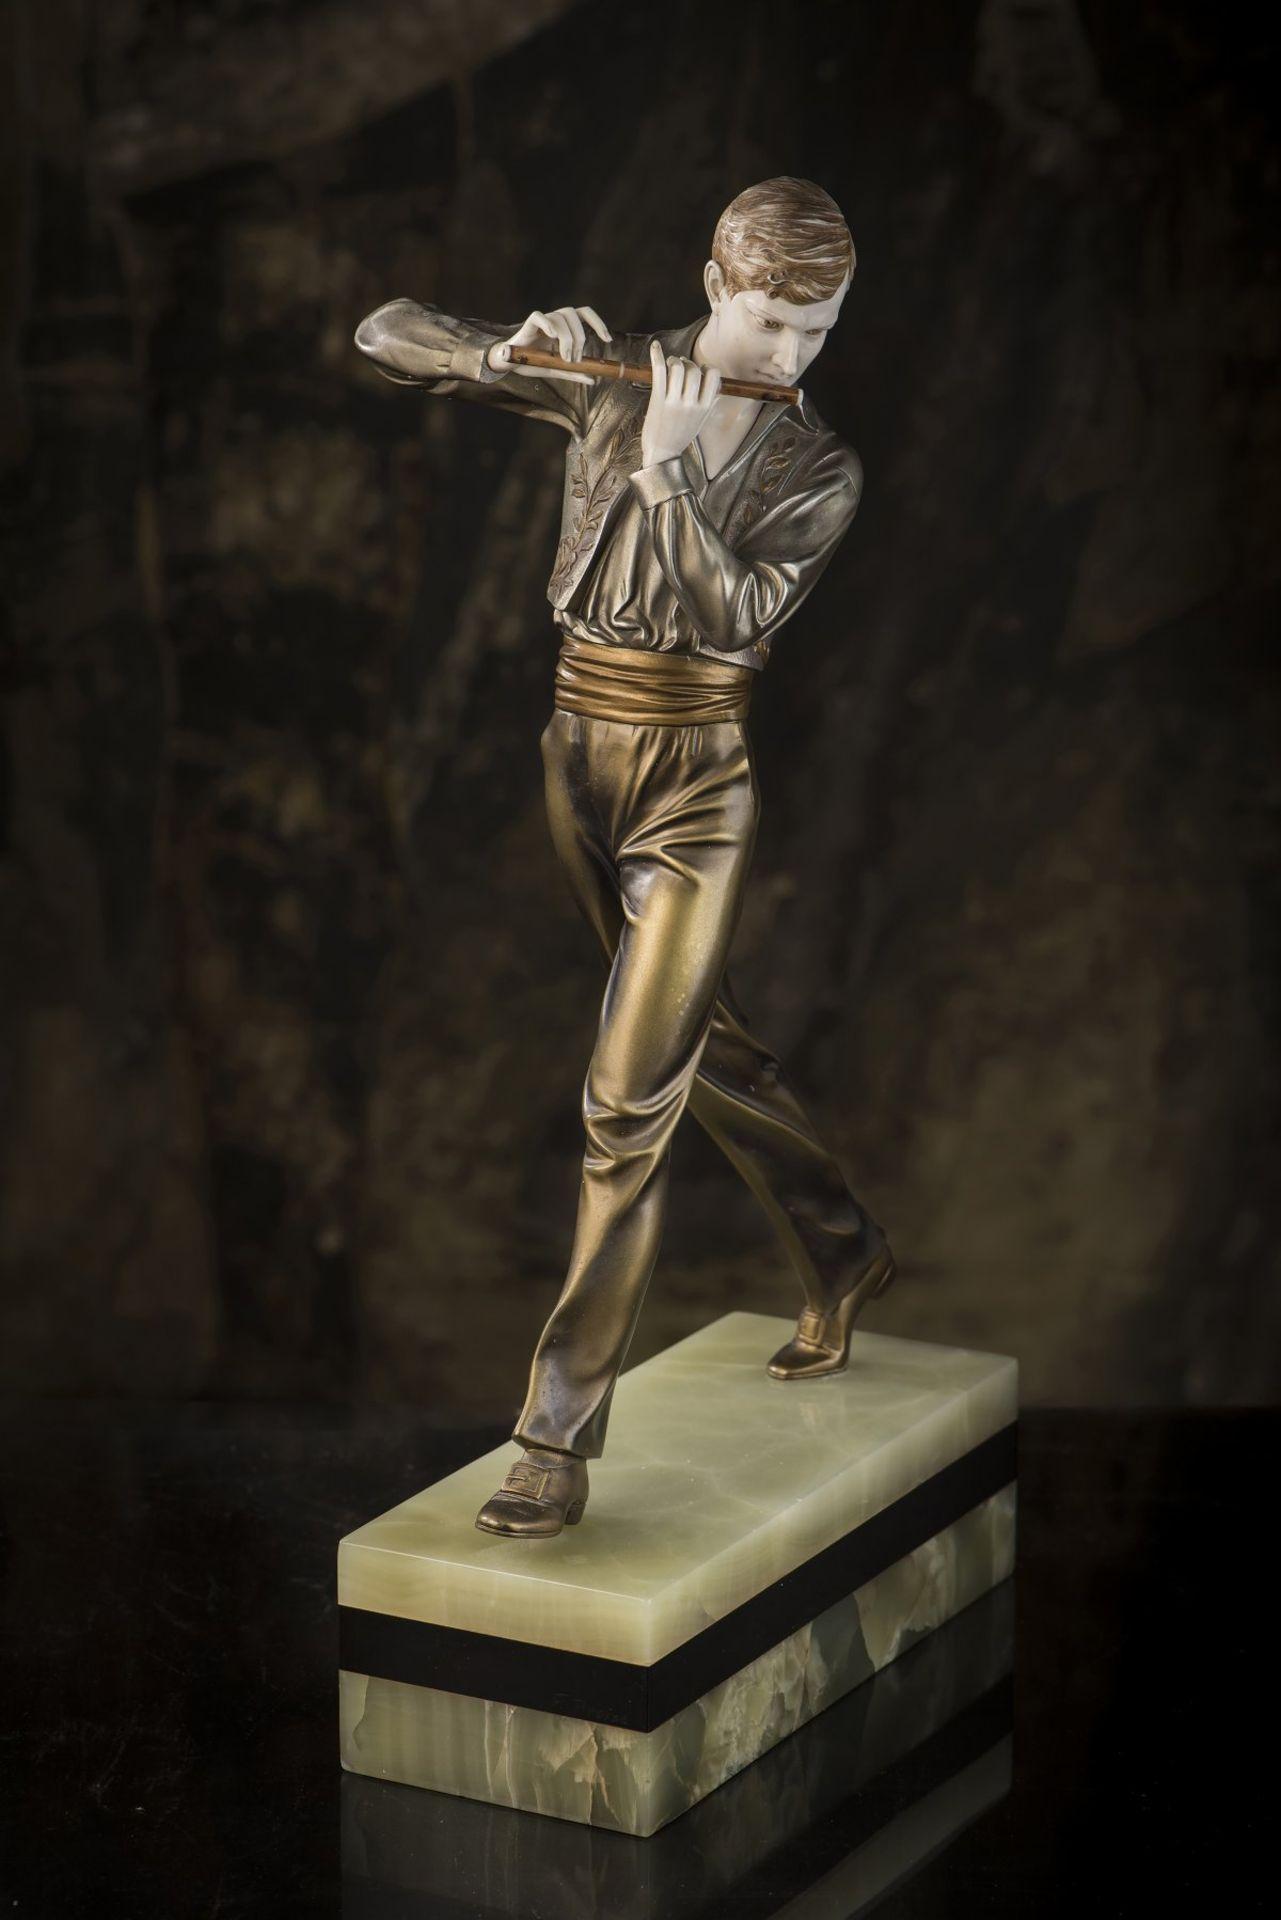 Ferdinand Preiss, 'Flötenspieler', um 1930 - Bild 15 aus 15